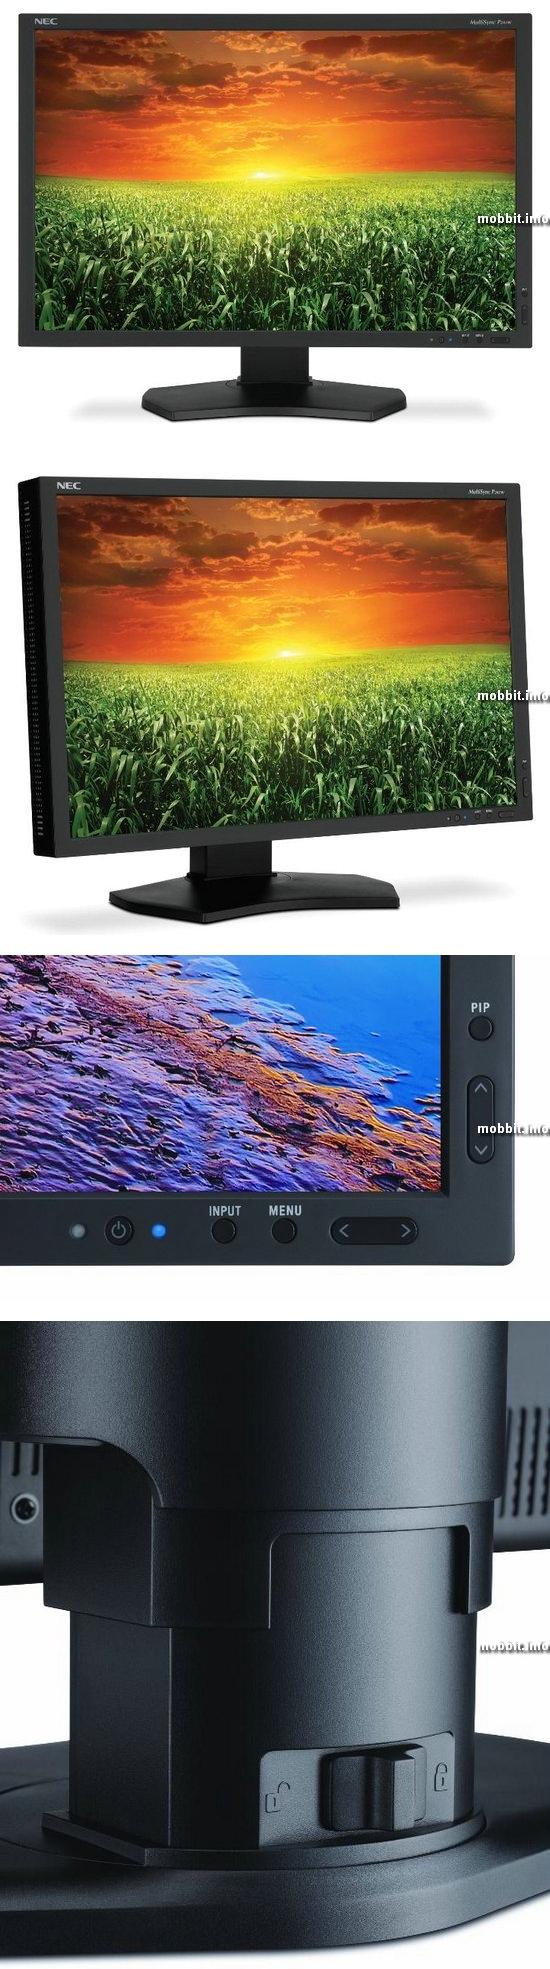 NEC MultiSync P241W